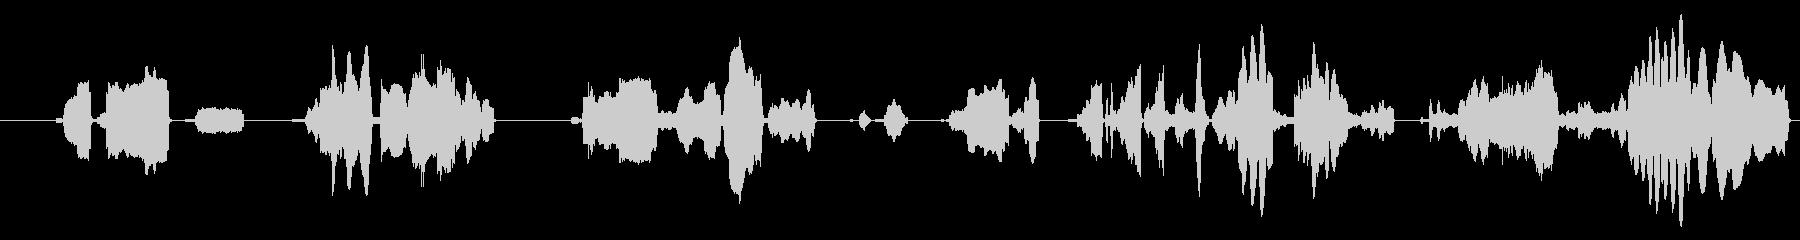 ロボットが喋る言葉のような機械音1の未再生の波形